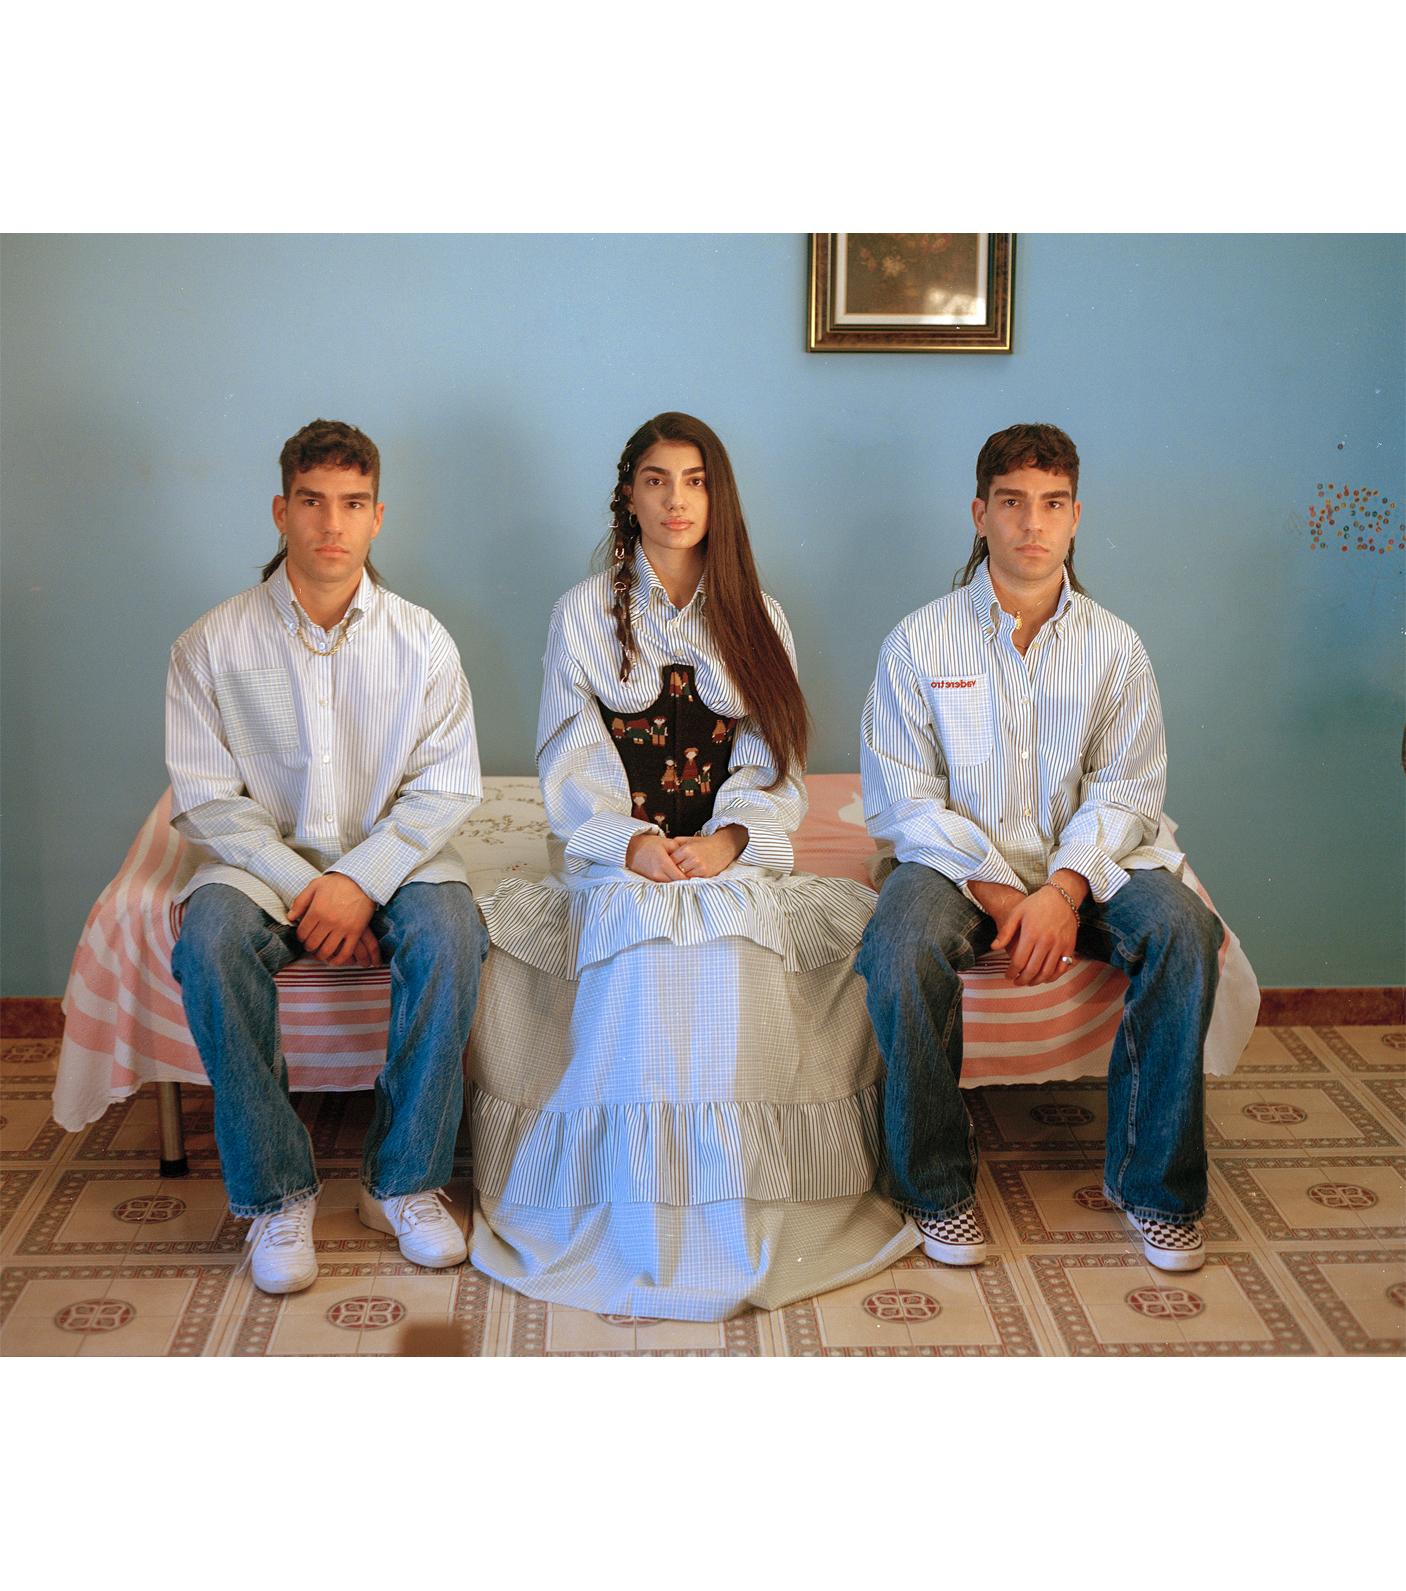 carmine romano family personaggi volti portrait bambini